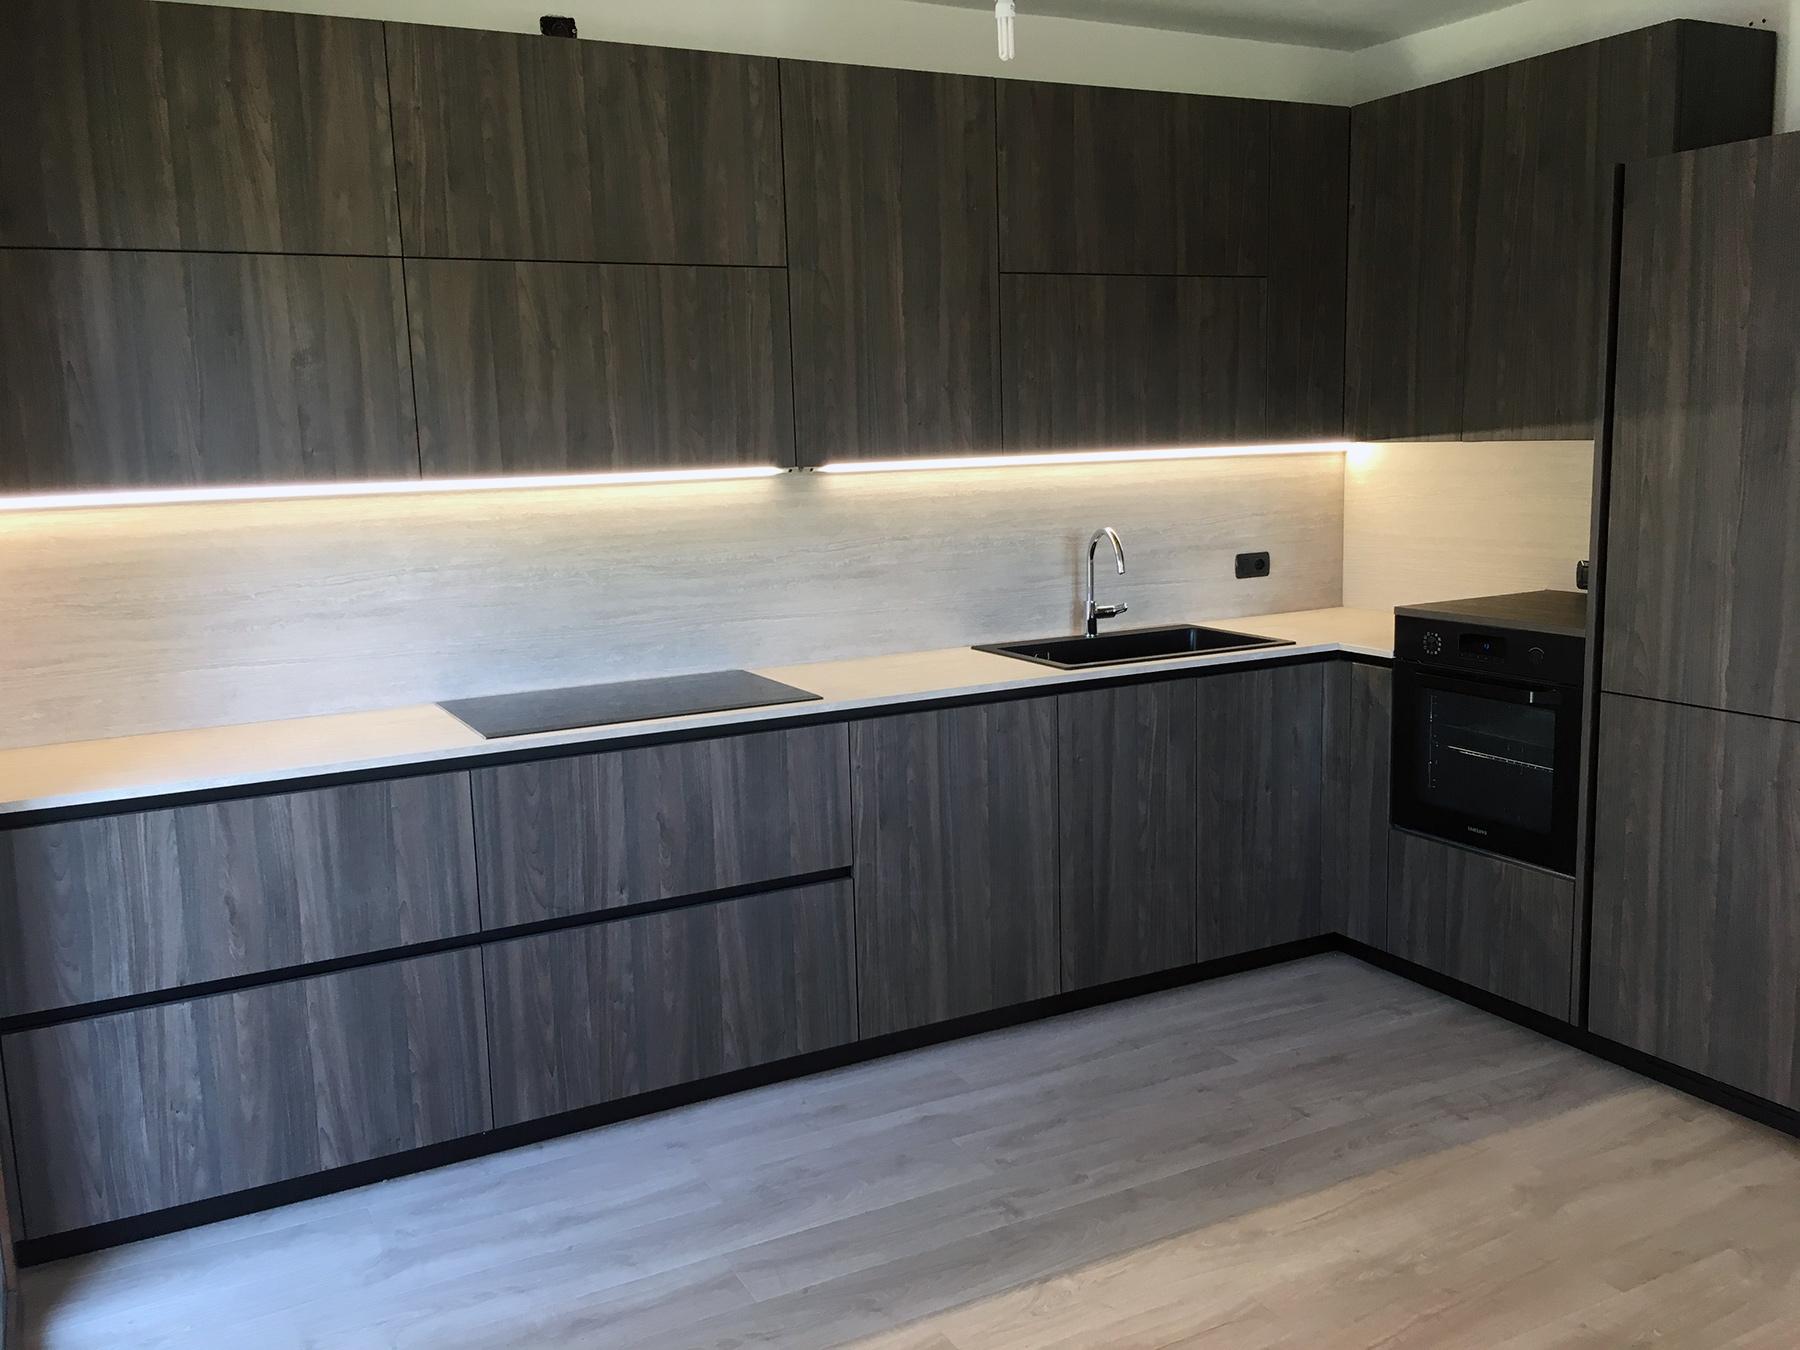 Stanza per Stanza Arredamenti di Vettoretti - Cucina GD con set completo di elettrodomestici a Valdobbiadene (Treviso)